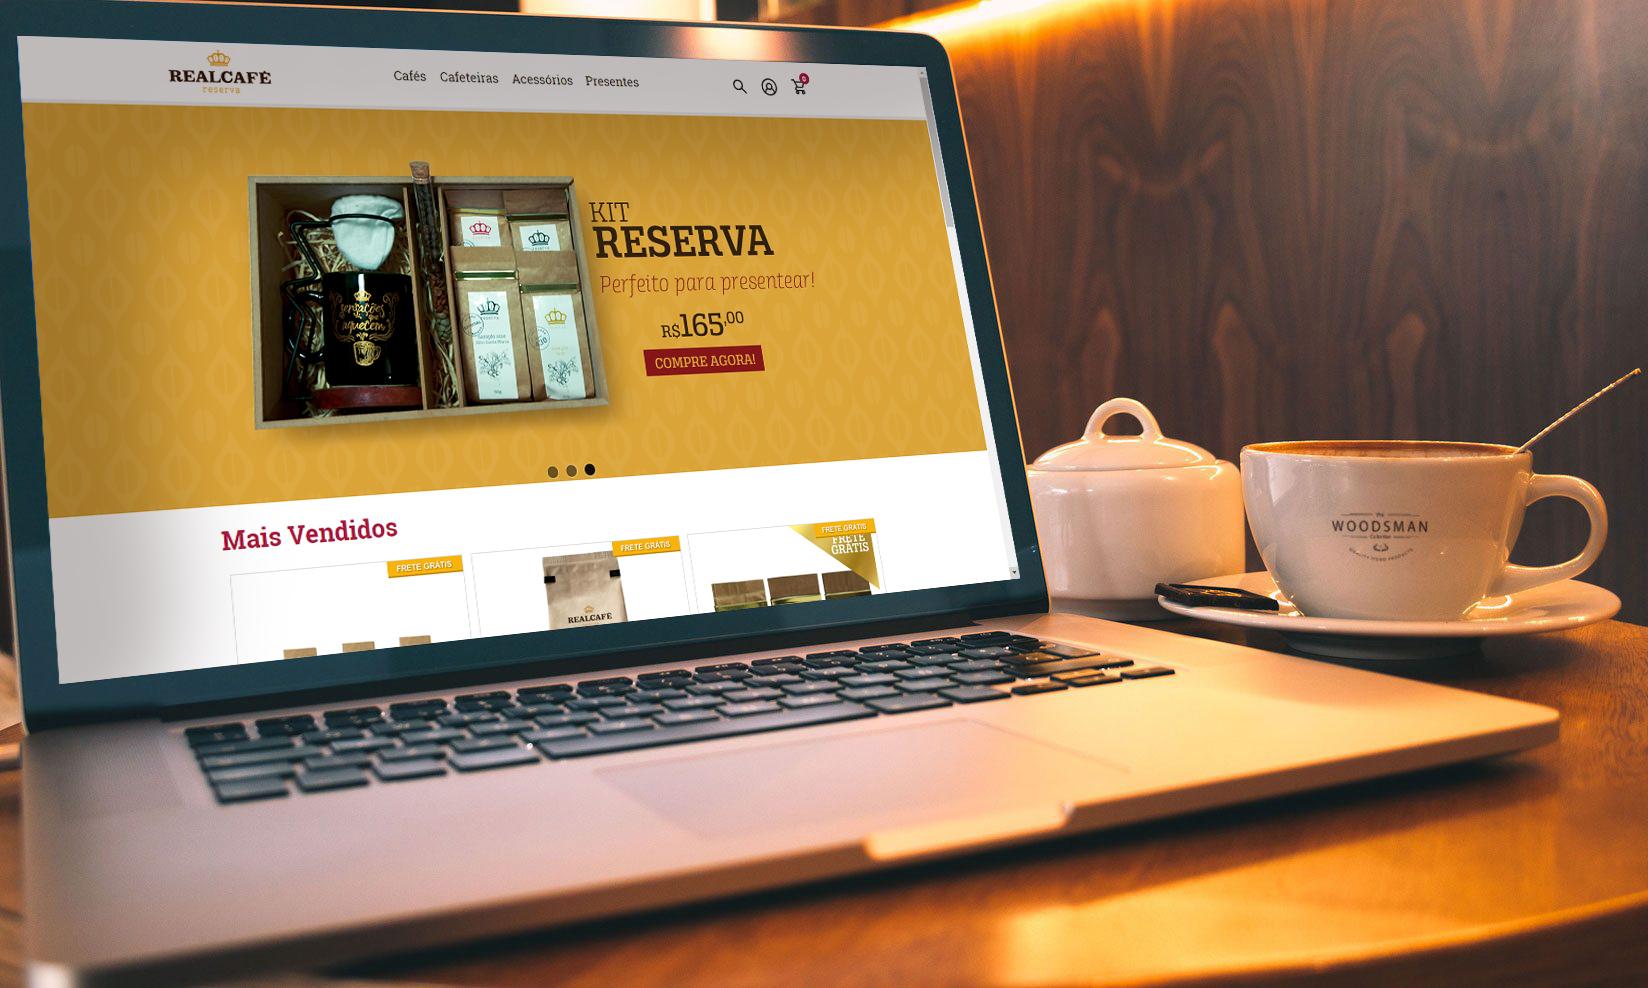 Realcafé Reserva